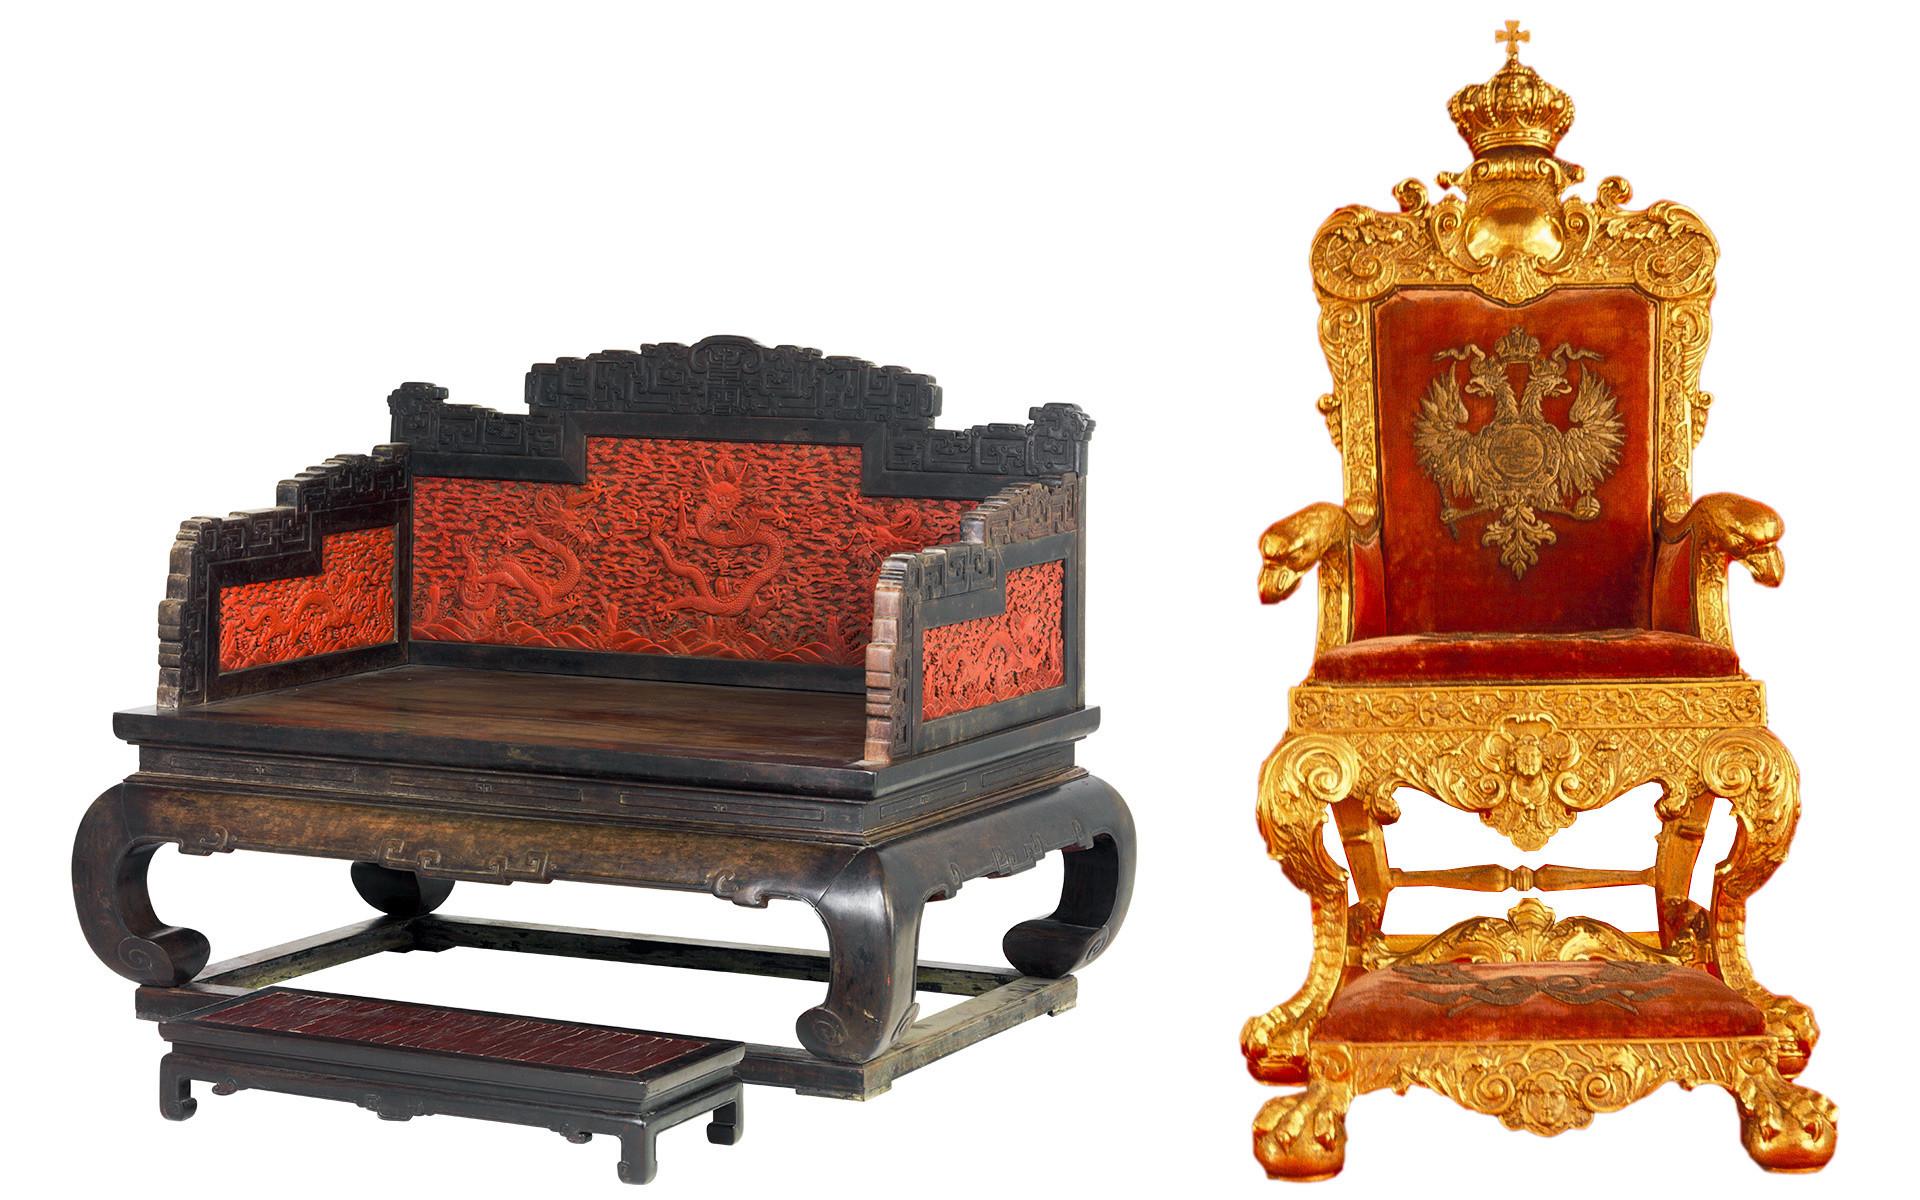 À esquerda, o trono do imperador da era Quing (1644-1912). À direita, o trono de Pável 1° da Rússia.